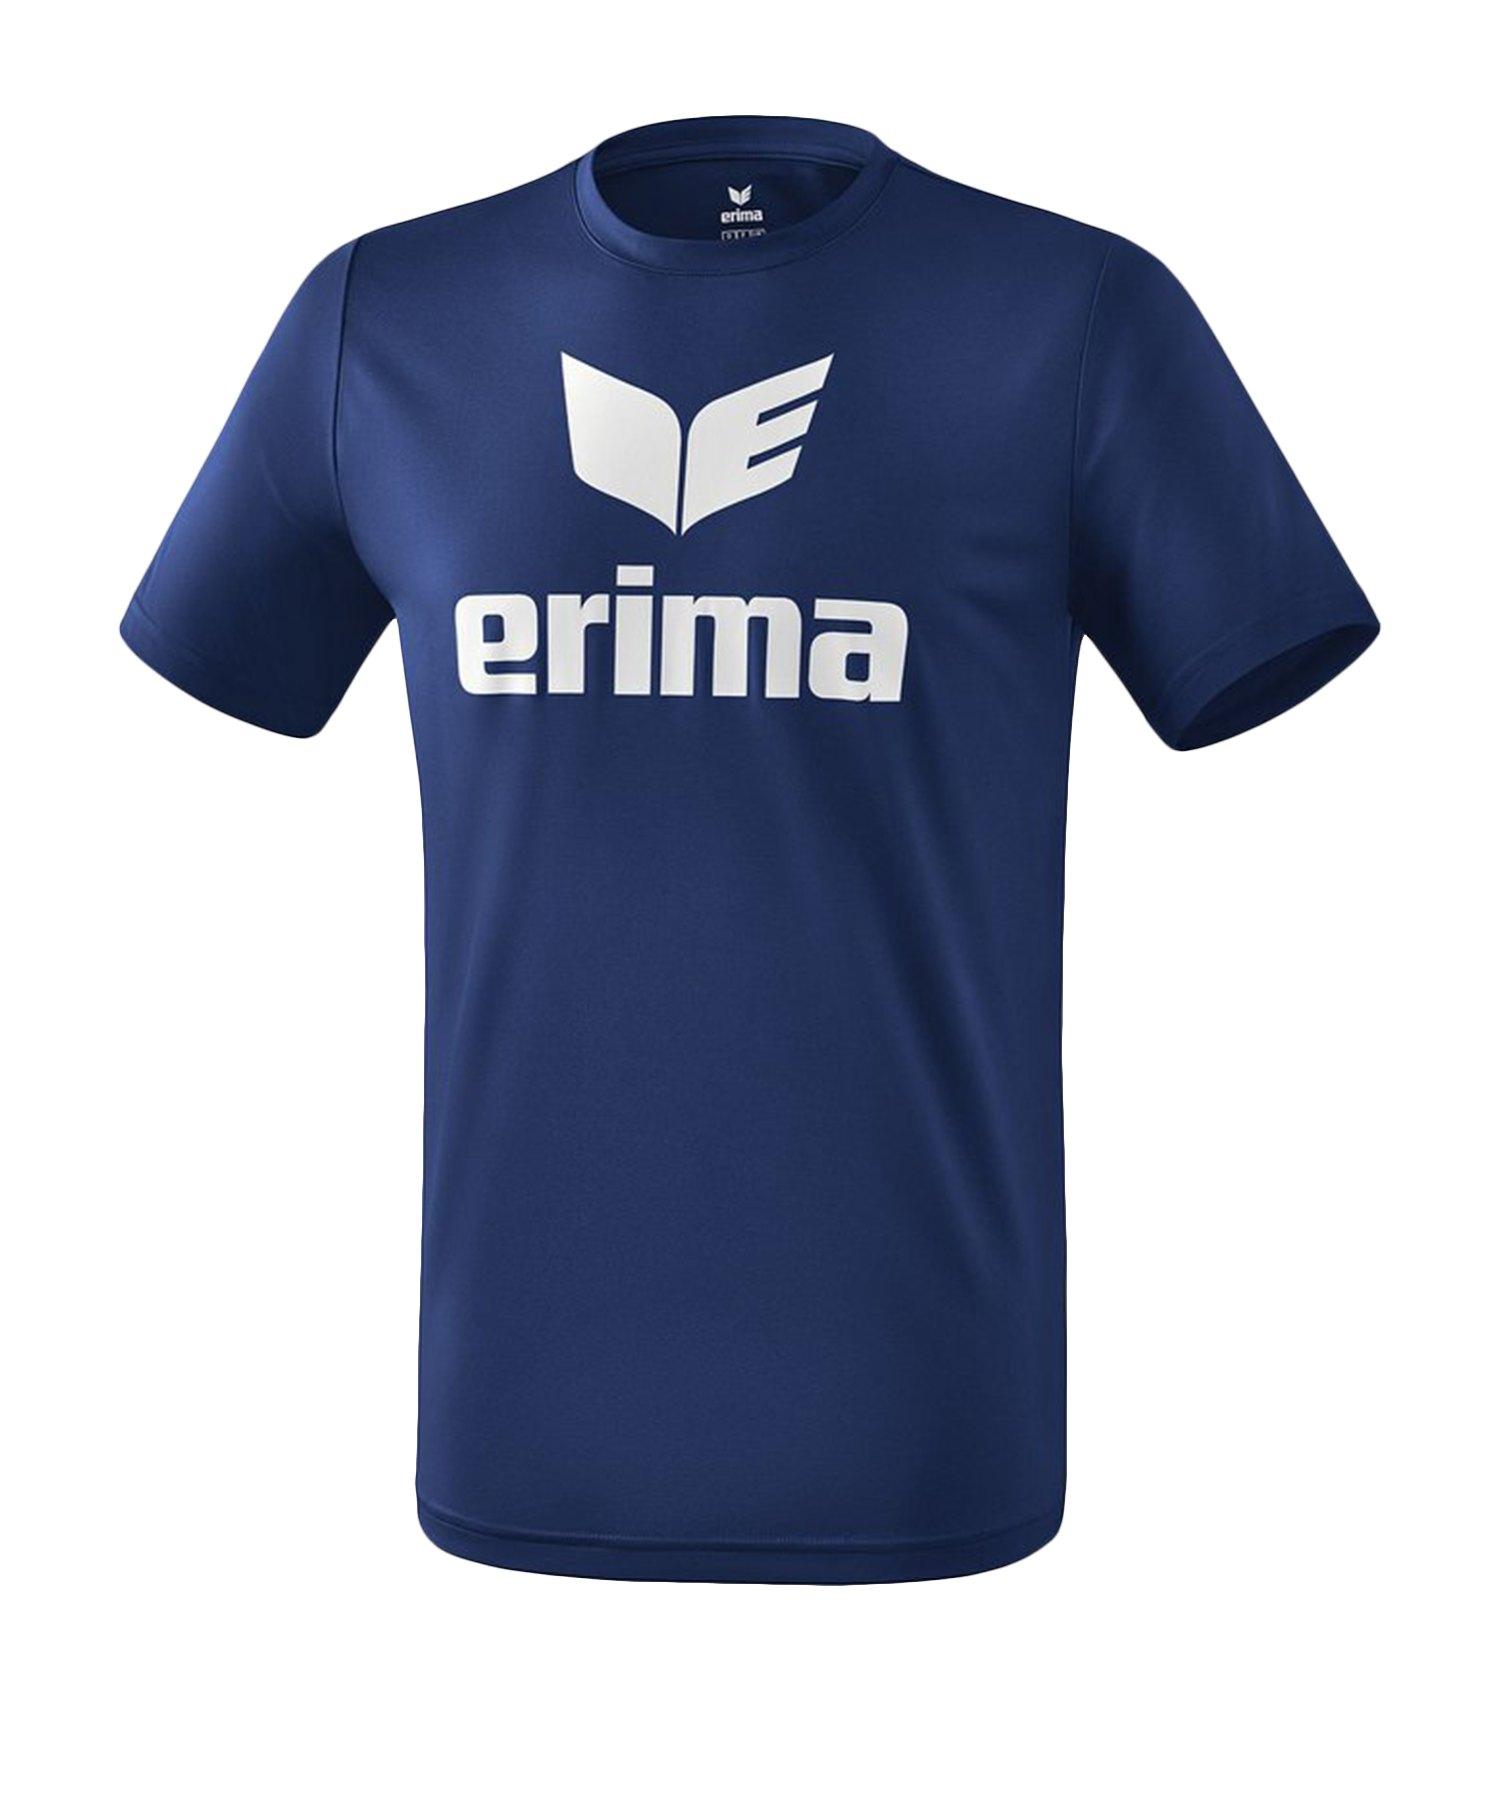 Erima Funktions Promo T-Shirt Blau Weiss - Blau